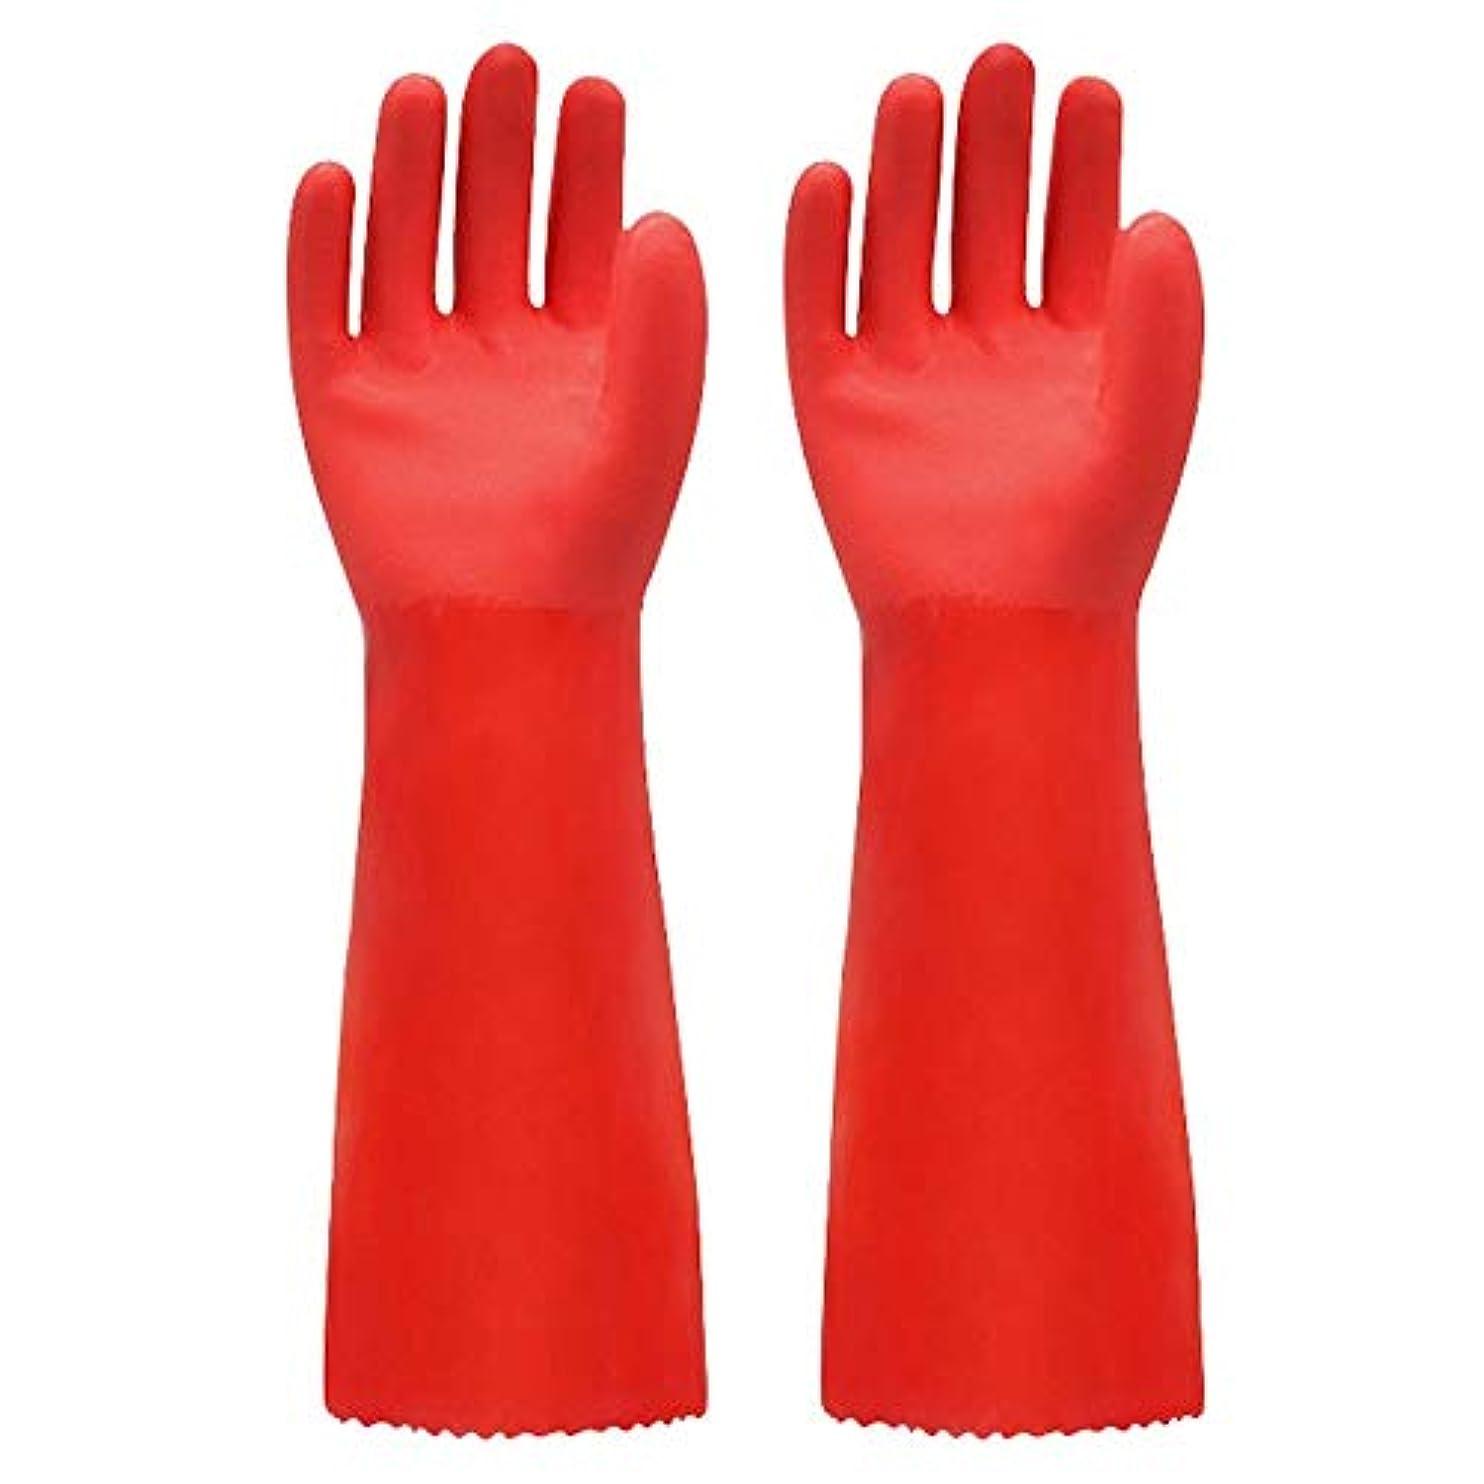 正しい夢中イタリアのニトリルゴム手袋 ゴム手袋長く暖かいとビロードのゴム製防水と耐久性のある手袋、1ペア 使い捨て手袋 (Color : RED, Size : L)